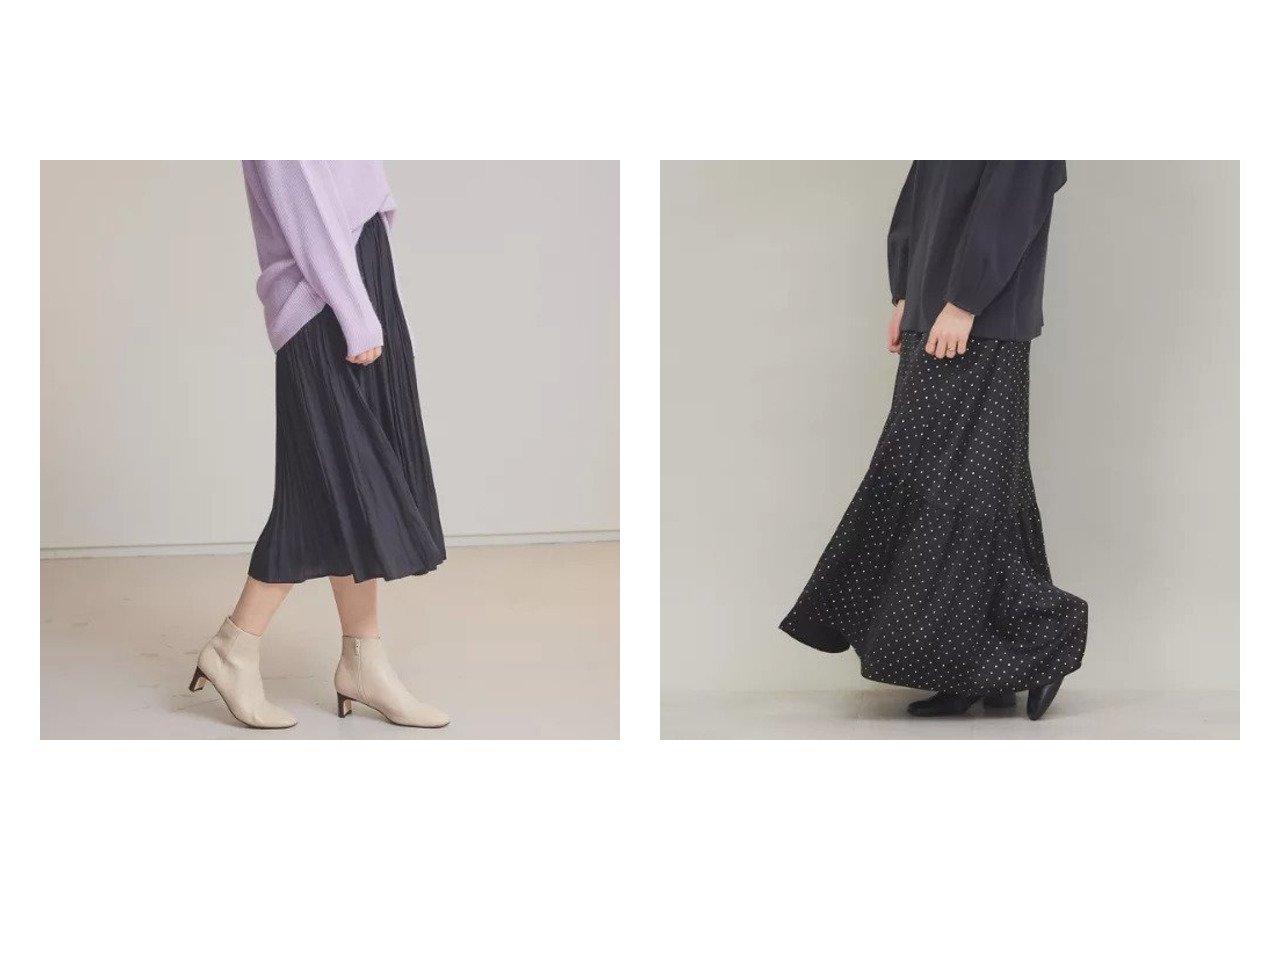 【abahouse mavie/アバハウスマヴィ】のecru ランダムプリーツミモレ丈スカート&【Rouge vif/ルージュ ヴィフ】のシャインドットスカート スカートのおすすめ!人気、トレンド・レディースファッションの通販 おすすめで人気の流行・トレンド、ファッションの通販商品 メンズファッション・キッズファッション・インテリア・家具・レディースファッション・服の通販 founy(ファニー) https://founy.com/ ファッション Fashion レディースファッション WOMEN スカート Skirt ドット プリント マキシ ロング |ID:crp329100000014448